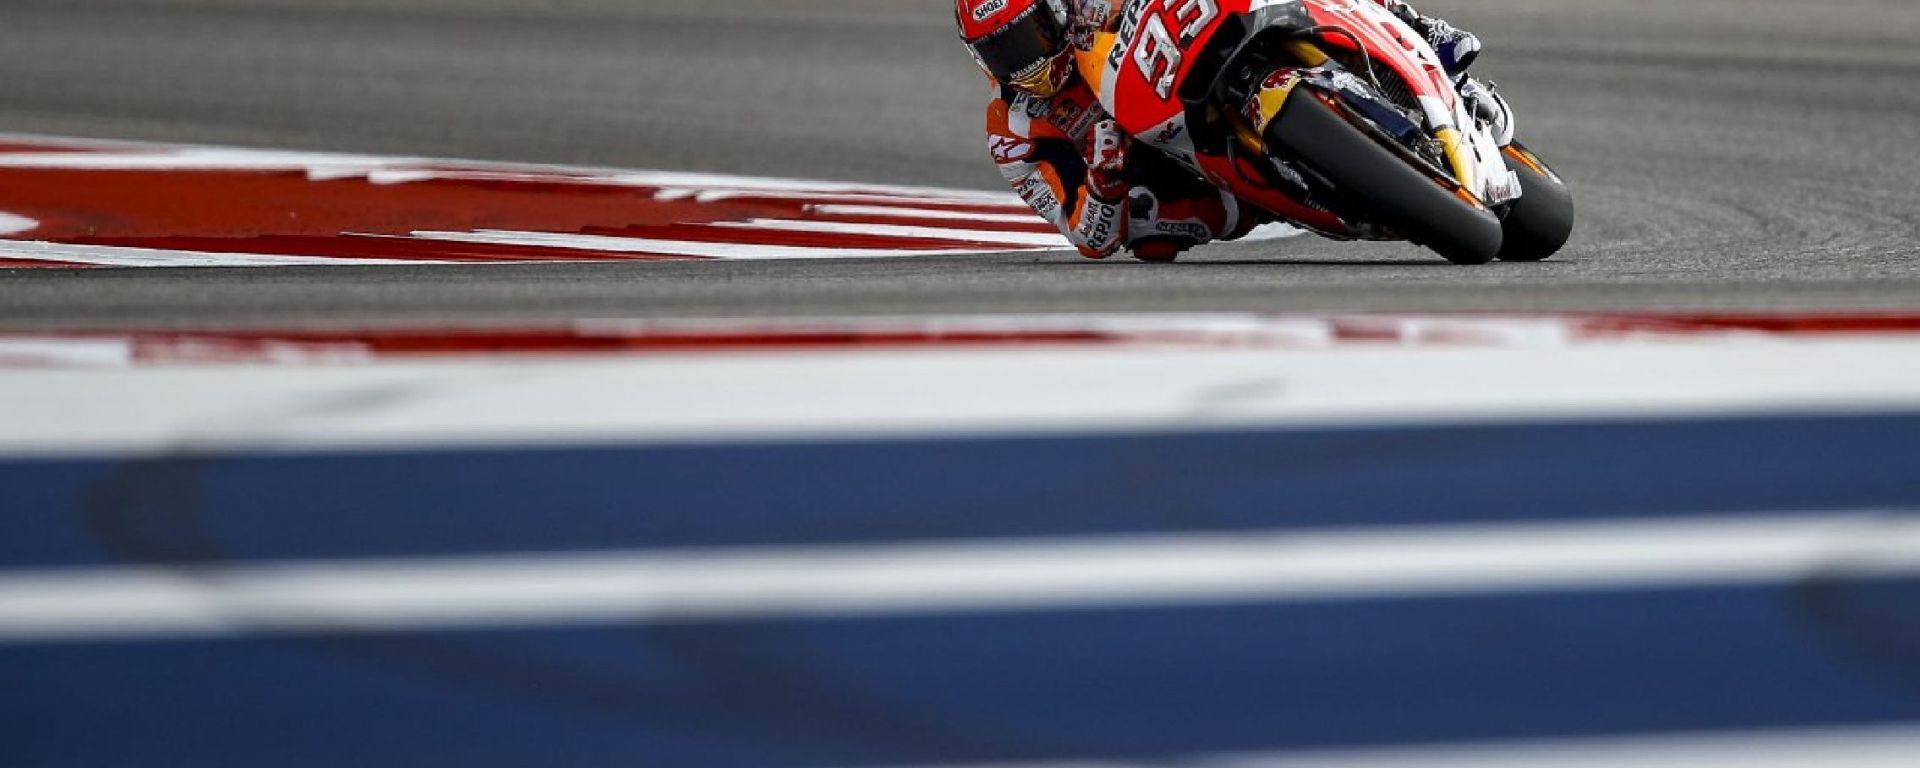 MotoGP Austin 2017: Marc Marquez in pole davanti alle due Yamaha di Maverick Vinales e Valentino Rossi